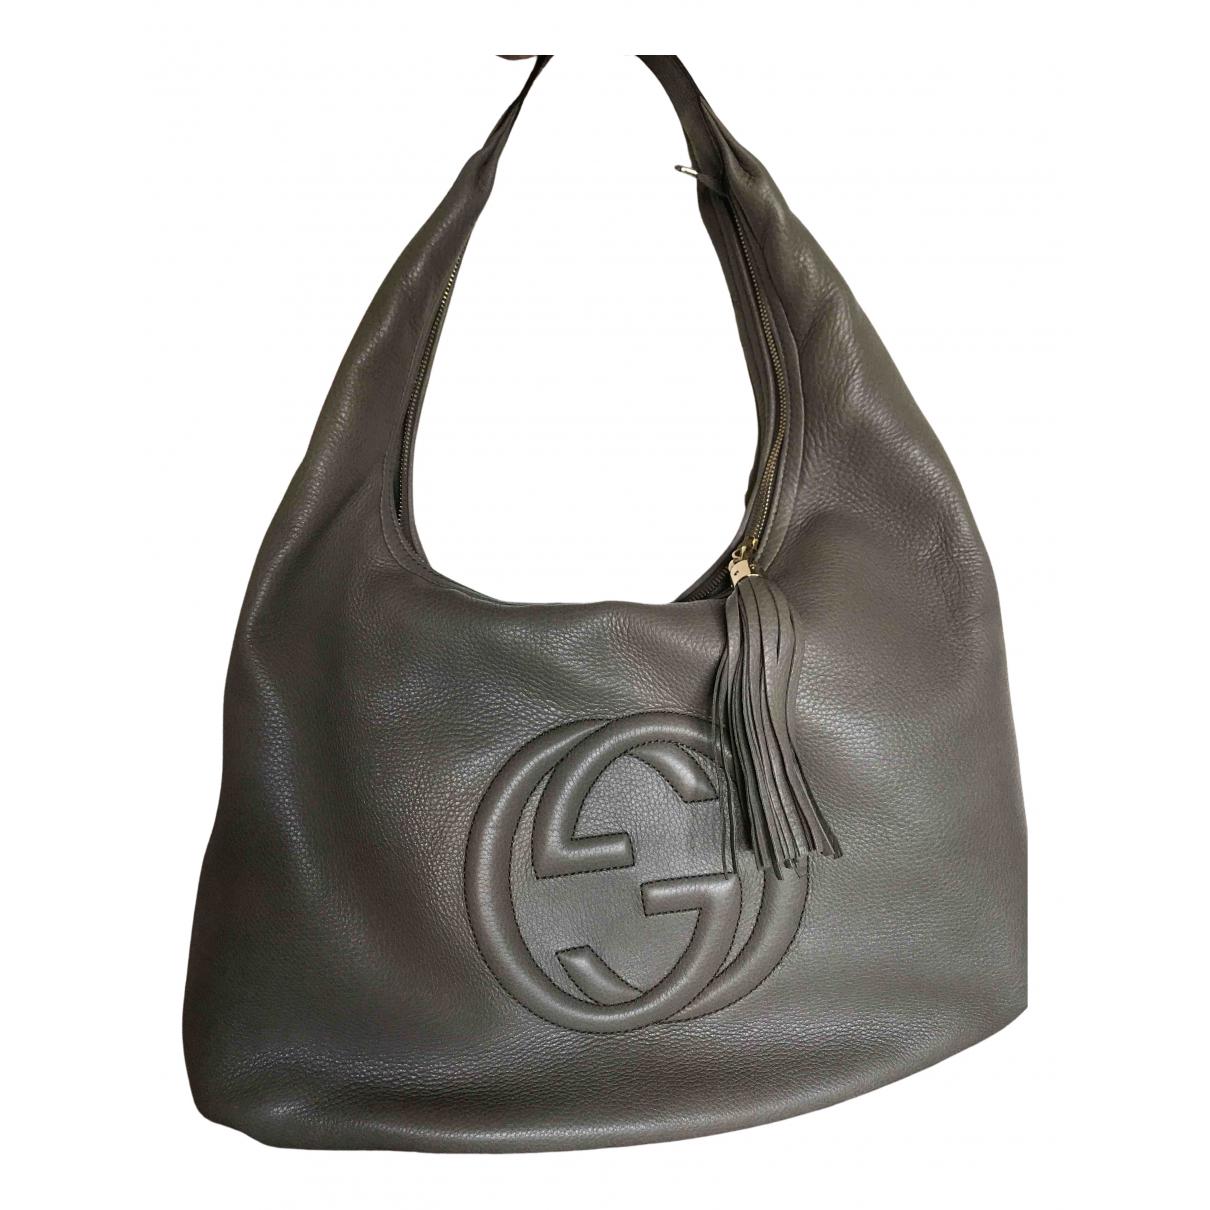 Gucci - Sac a main Hobo pour femme en cuir - gris